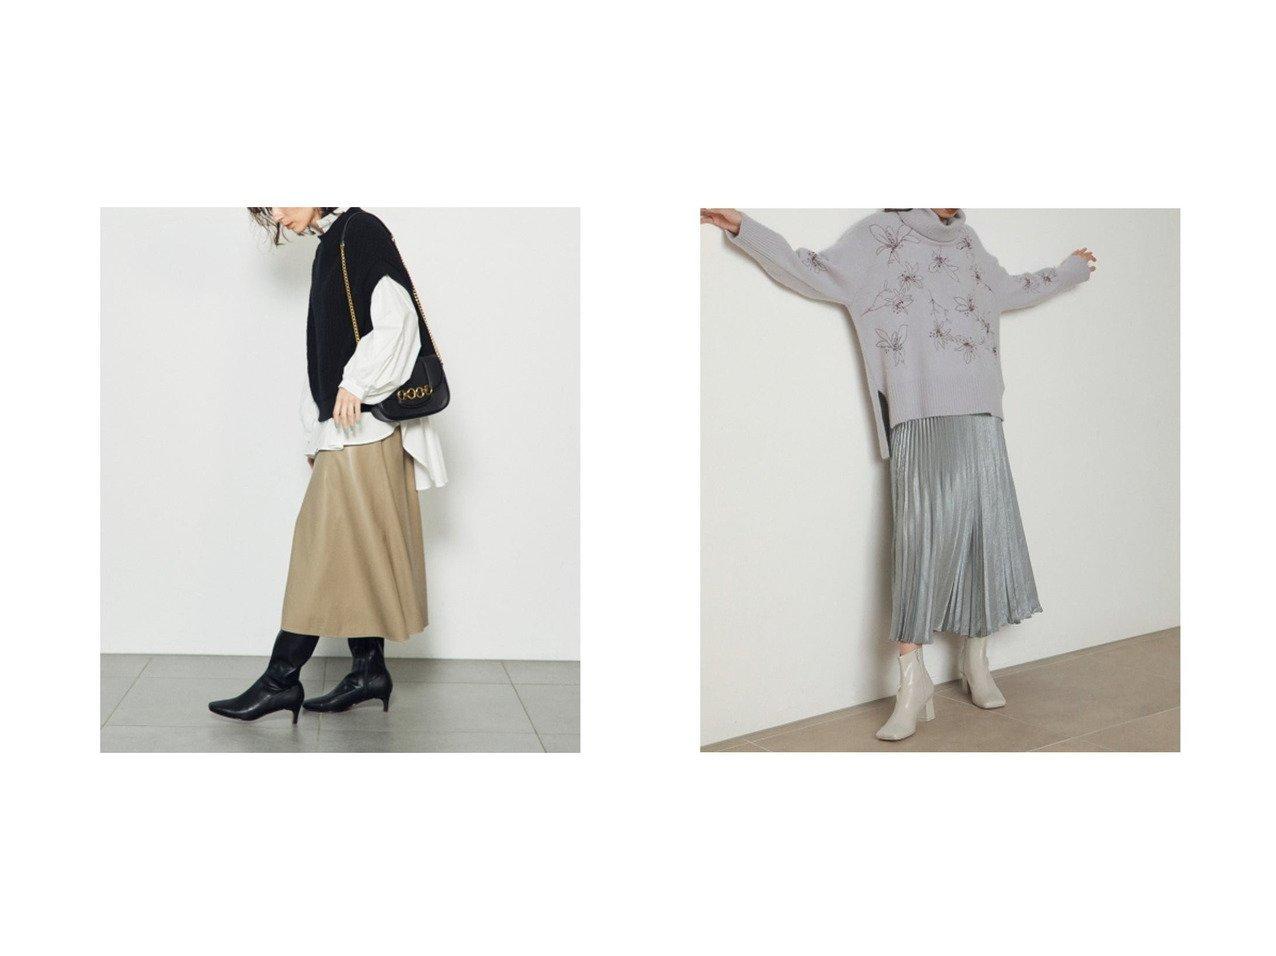 【SNIDEL/スナイデル】のバリエーションナロースカート&シャイニープリーツナロースカート スカートのおすすめ!人気、レディースファッションの通販  おすすめで人気のファッション通販商品 インテリア・家具・キッズファッション・メンズファッション・レディースファッション・服の通販 founy(ファニー) https://founy.com/ ファッション Fashion レディース WOMEN スカート Skirt オレンジ サテン ショート スエード スマート トレンド バランス フレア ミドル ロング A/W 秋冬 Autumn &  Winter シンプル パープル フェミニン プリーツ マーブル 無地 |ID:crp329100000004063